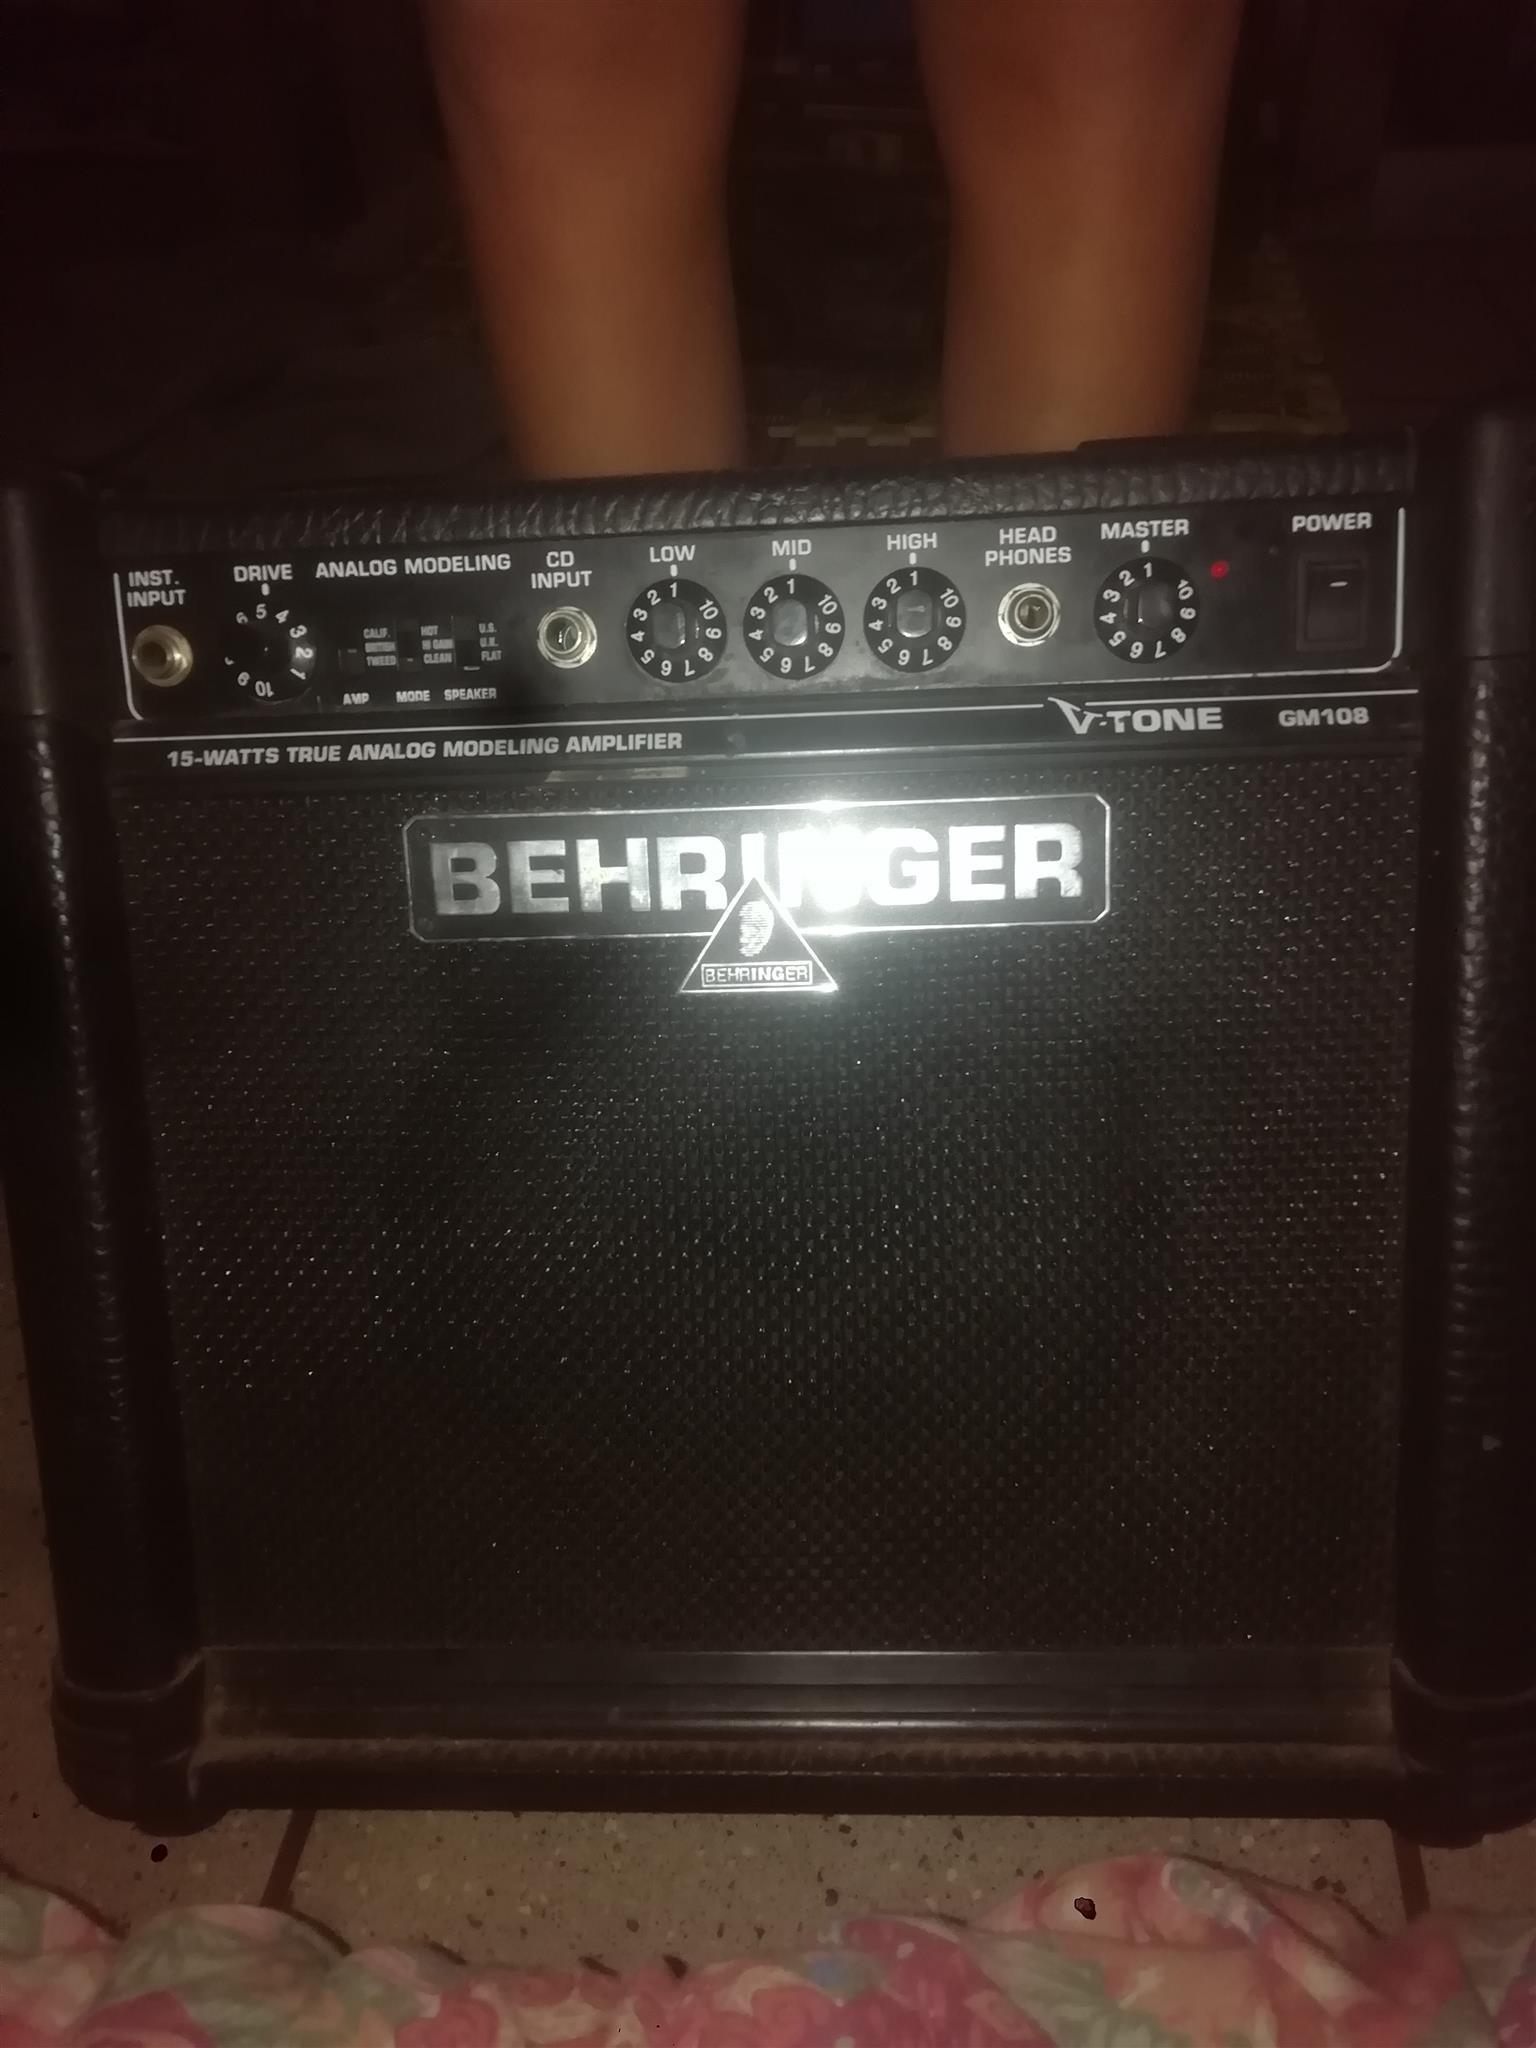 Behringer v tone Gm108 amplifier 18w